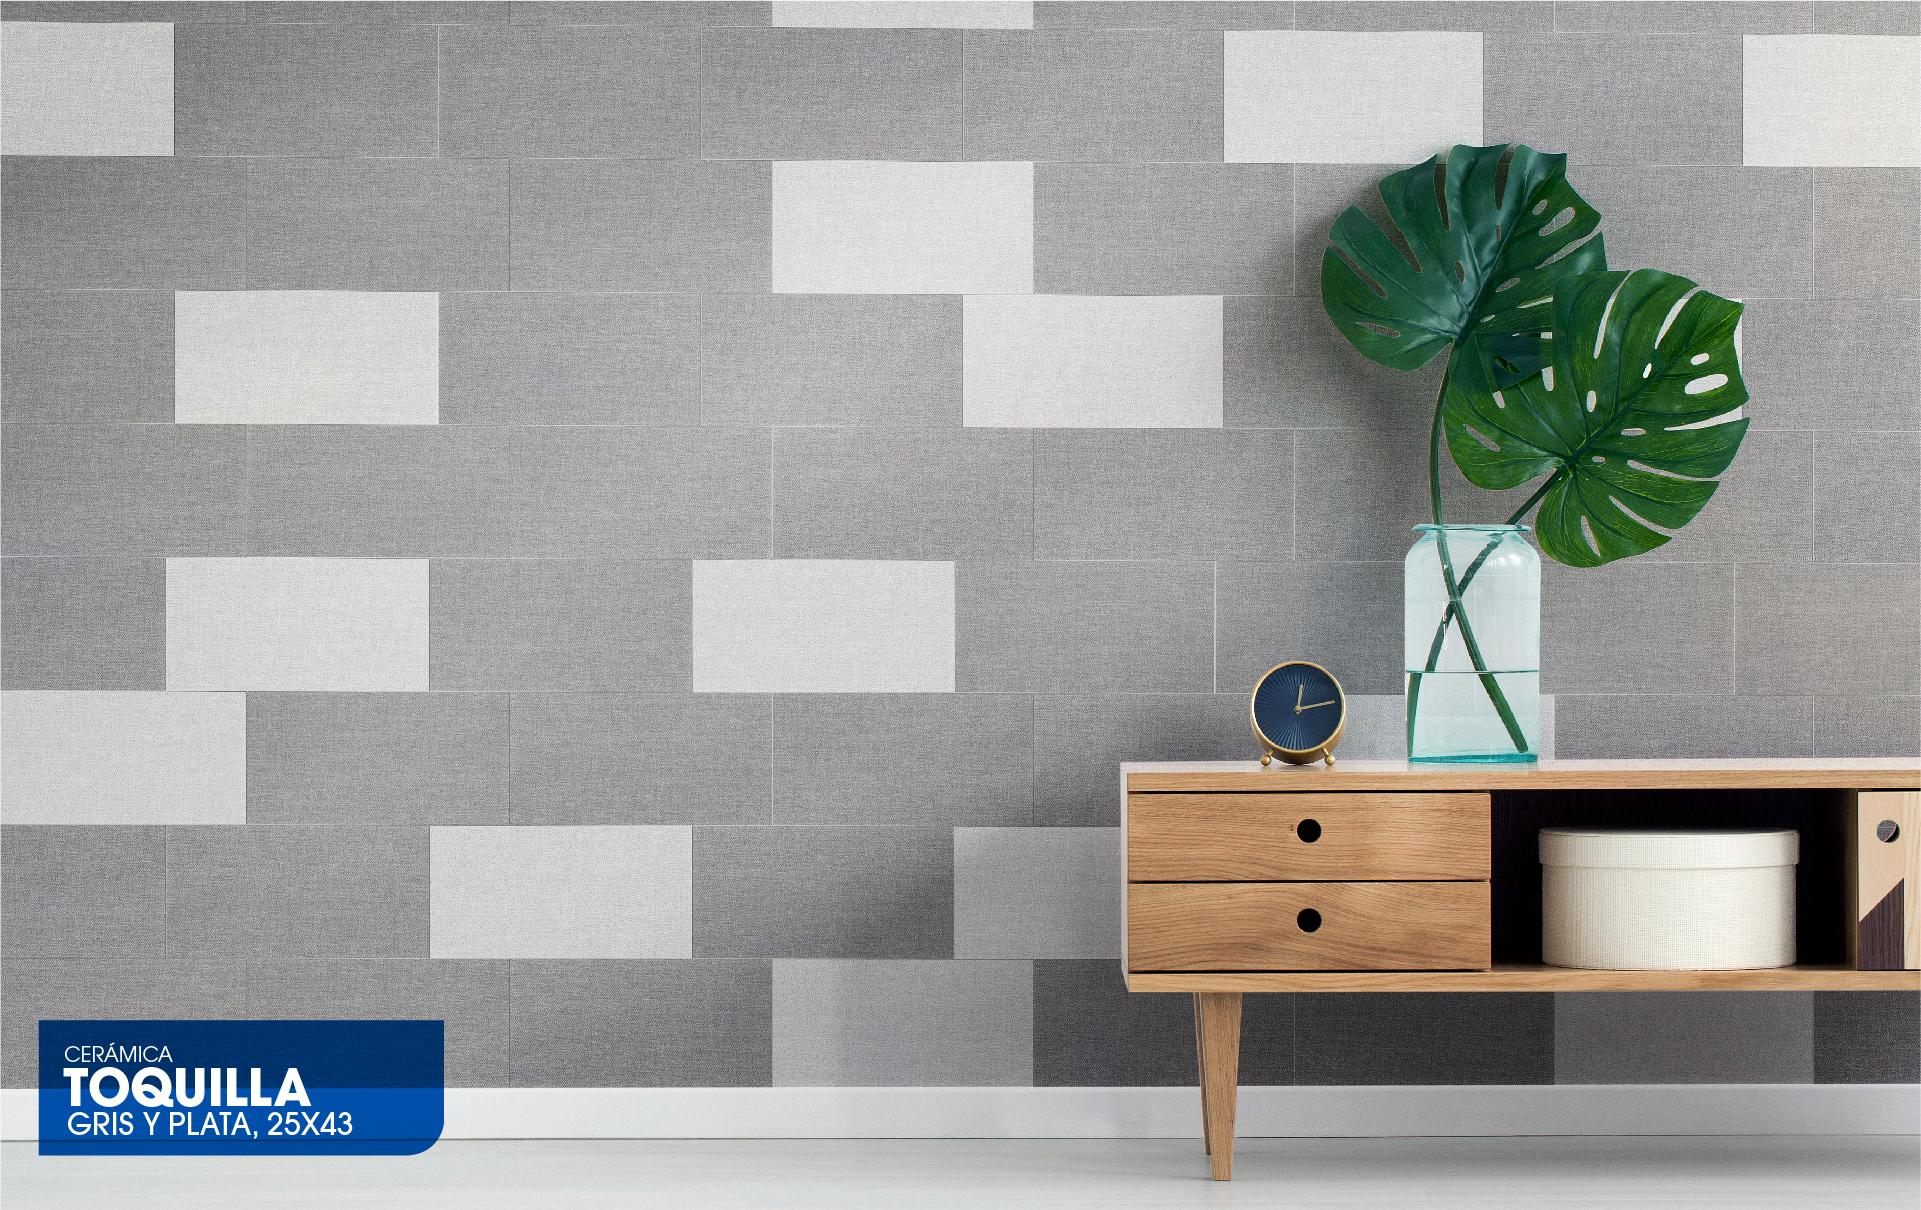 Scenario: Azulejos para el cuarto de baño: cerámica y porcelánico - Marazzi